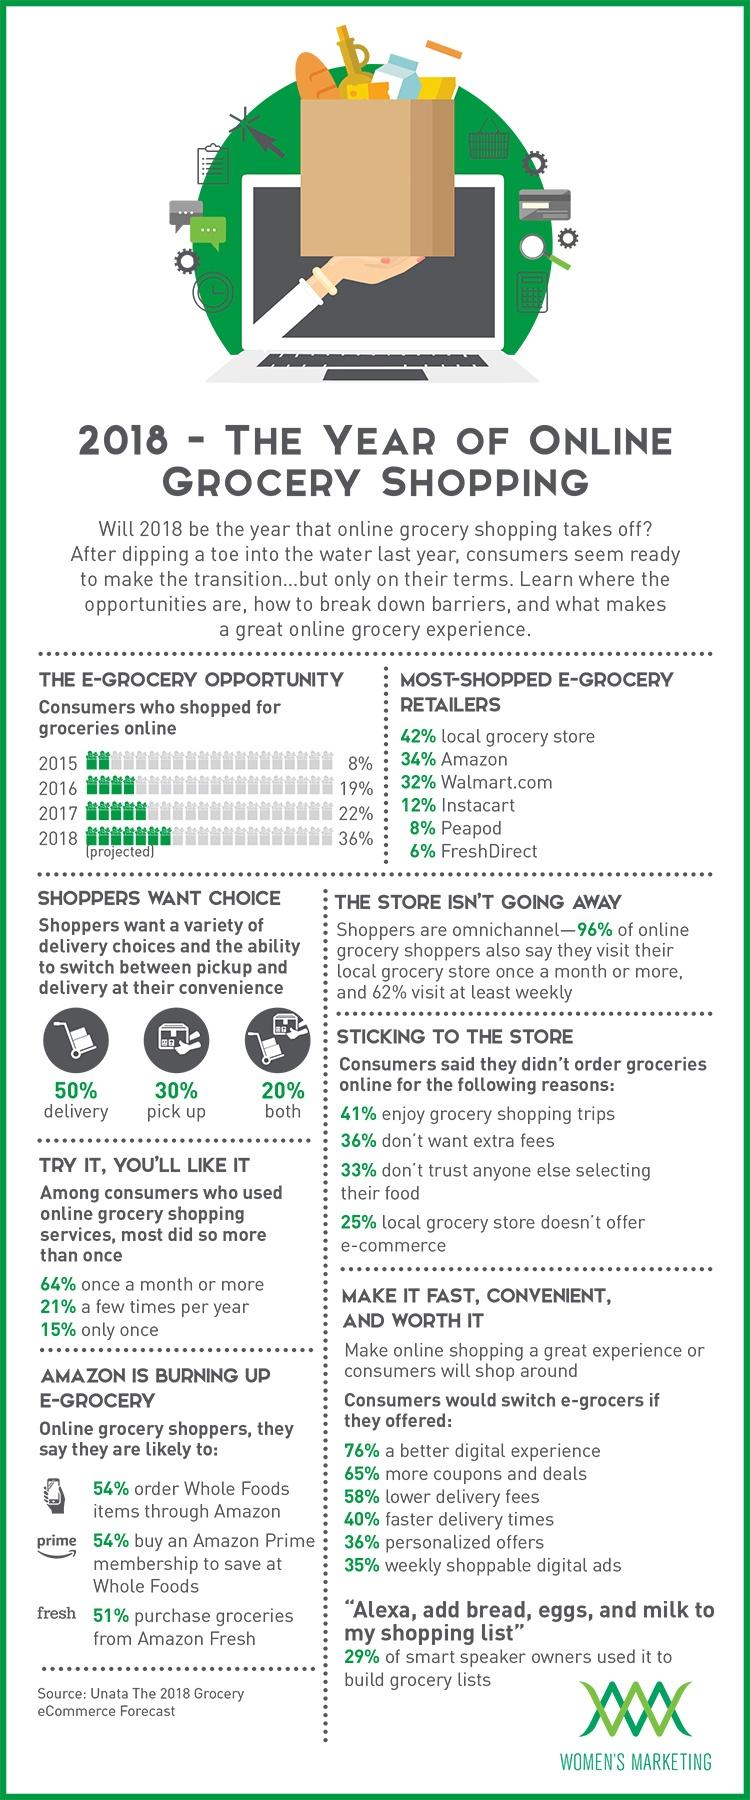 2018-YearofOnlineGrocery_Infographic.jpg